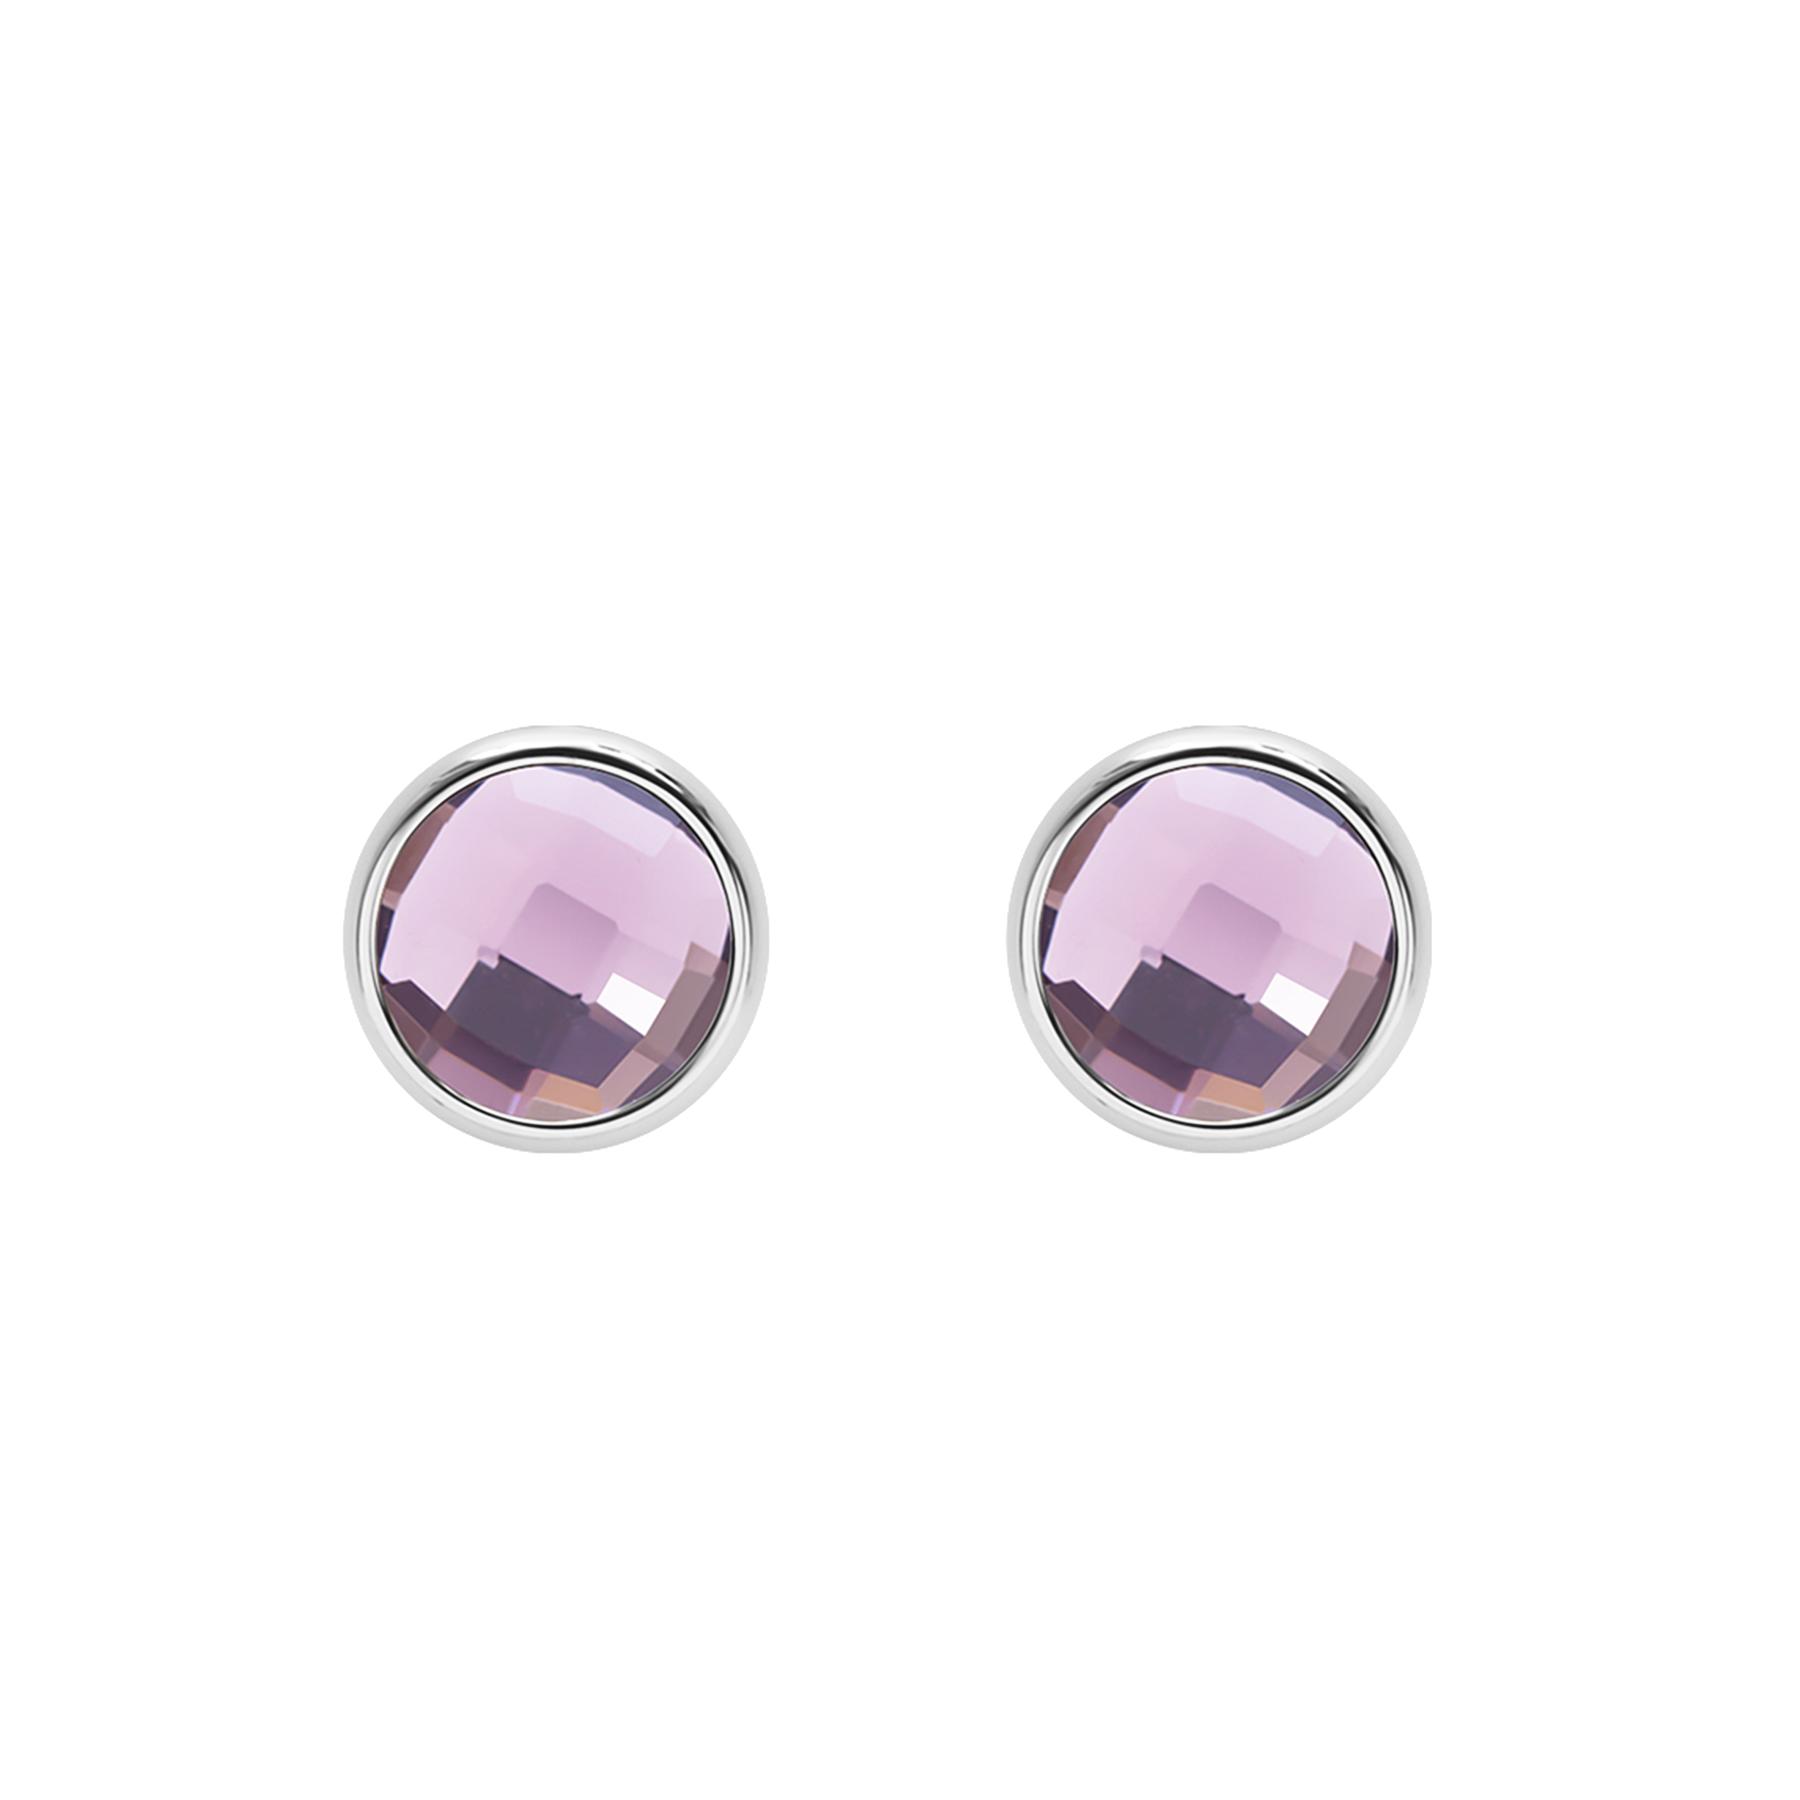 Kolczyki z fioletowym kwarcem posrebrzane